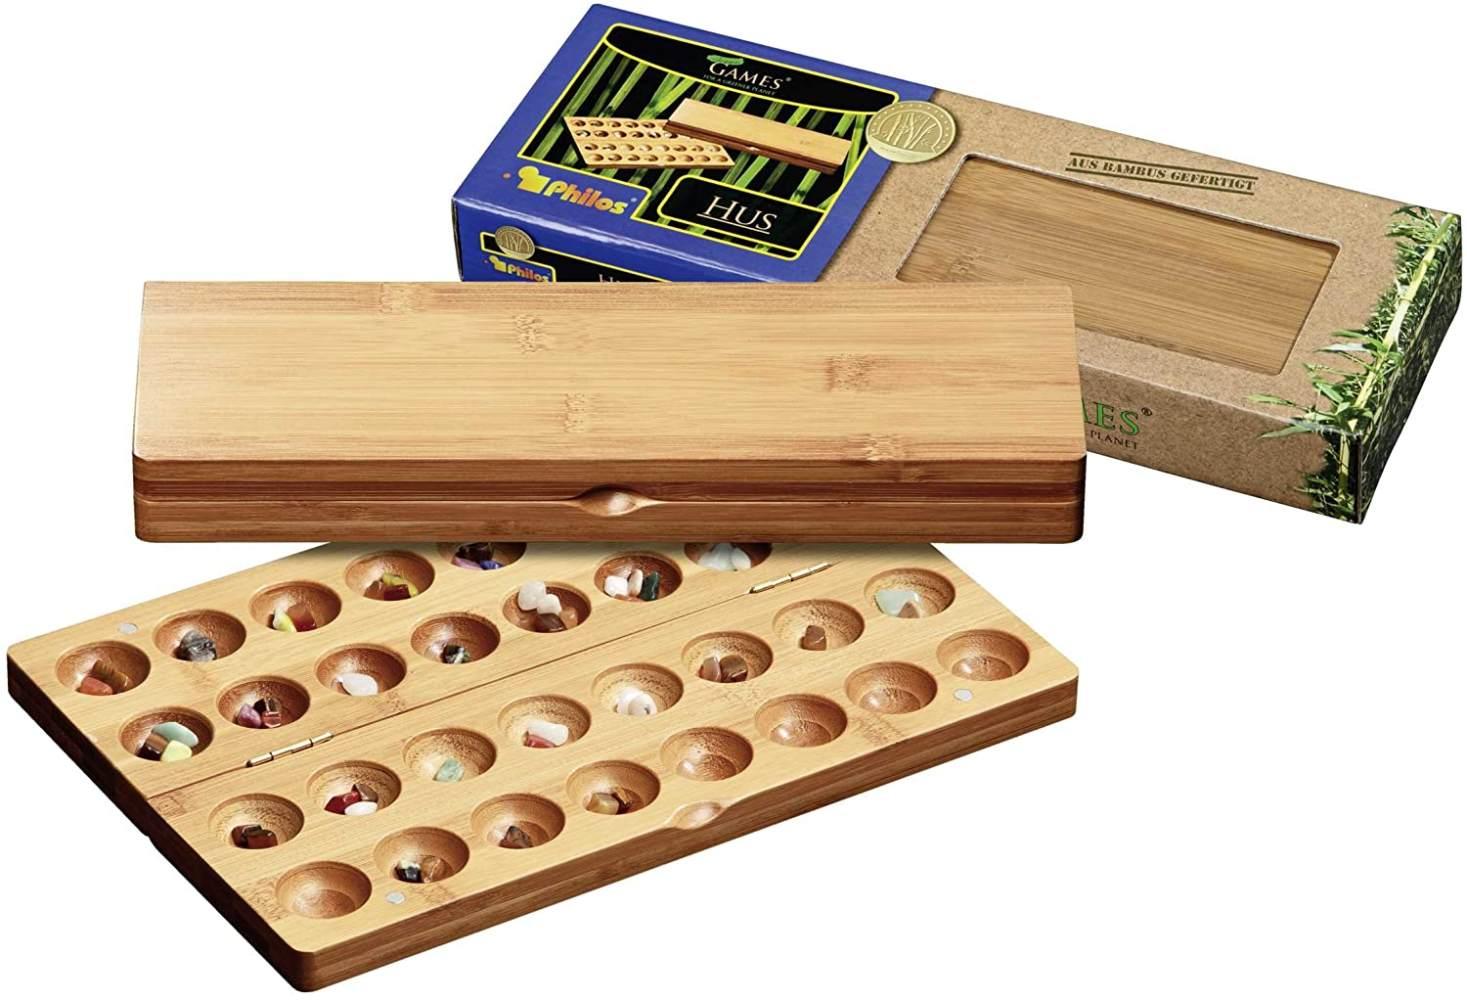 Philos 'Hus, Bambus, klein' Brettspiel, ab 6 Jahren, 2 Spieler, ca. 10 min Spielzeit Bild 1